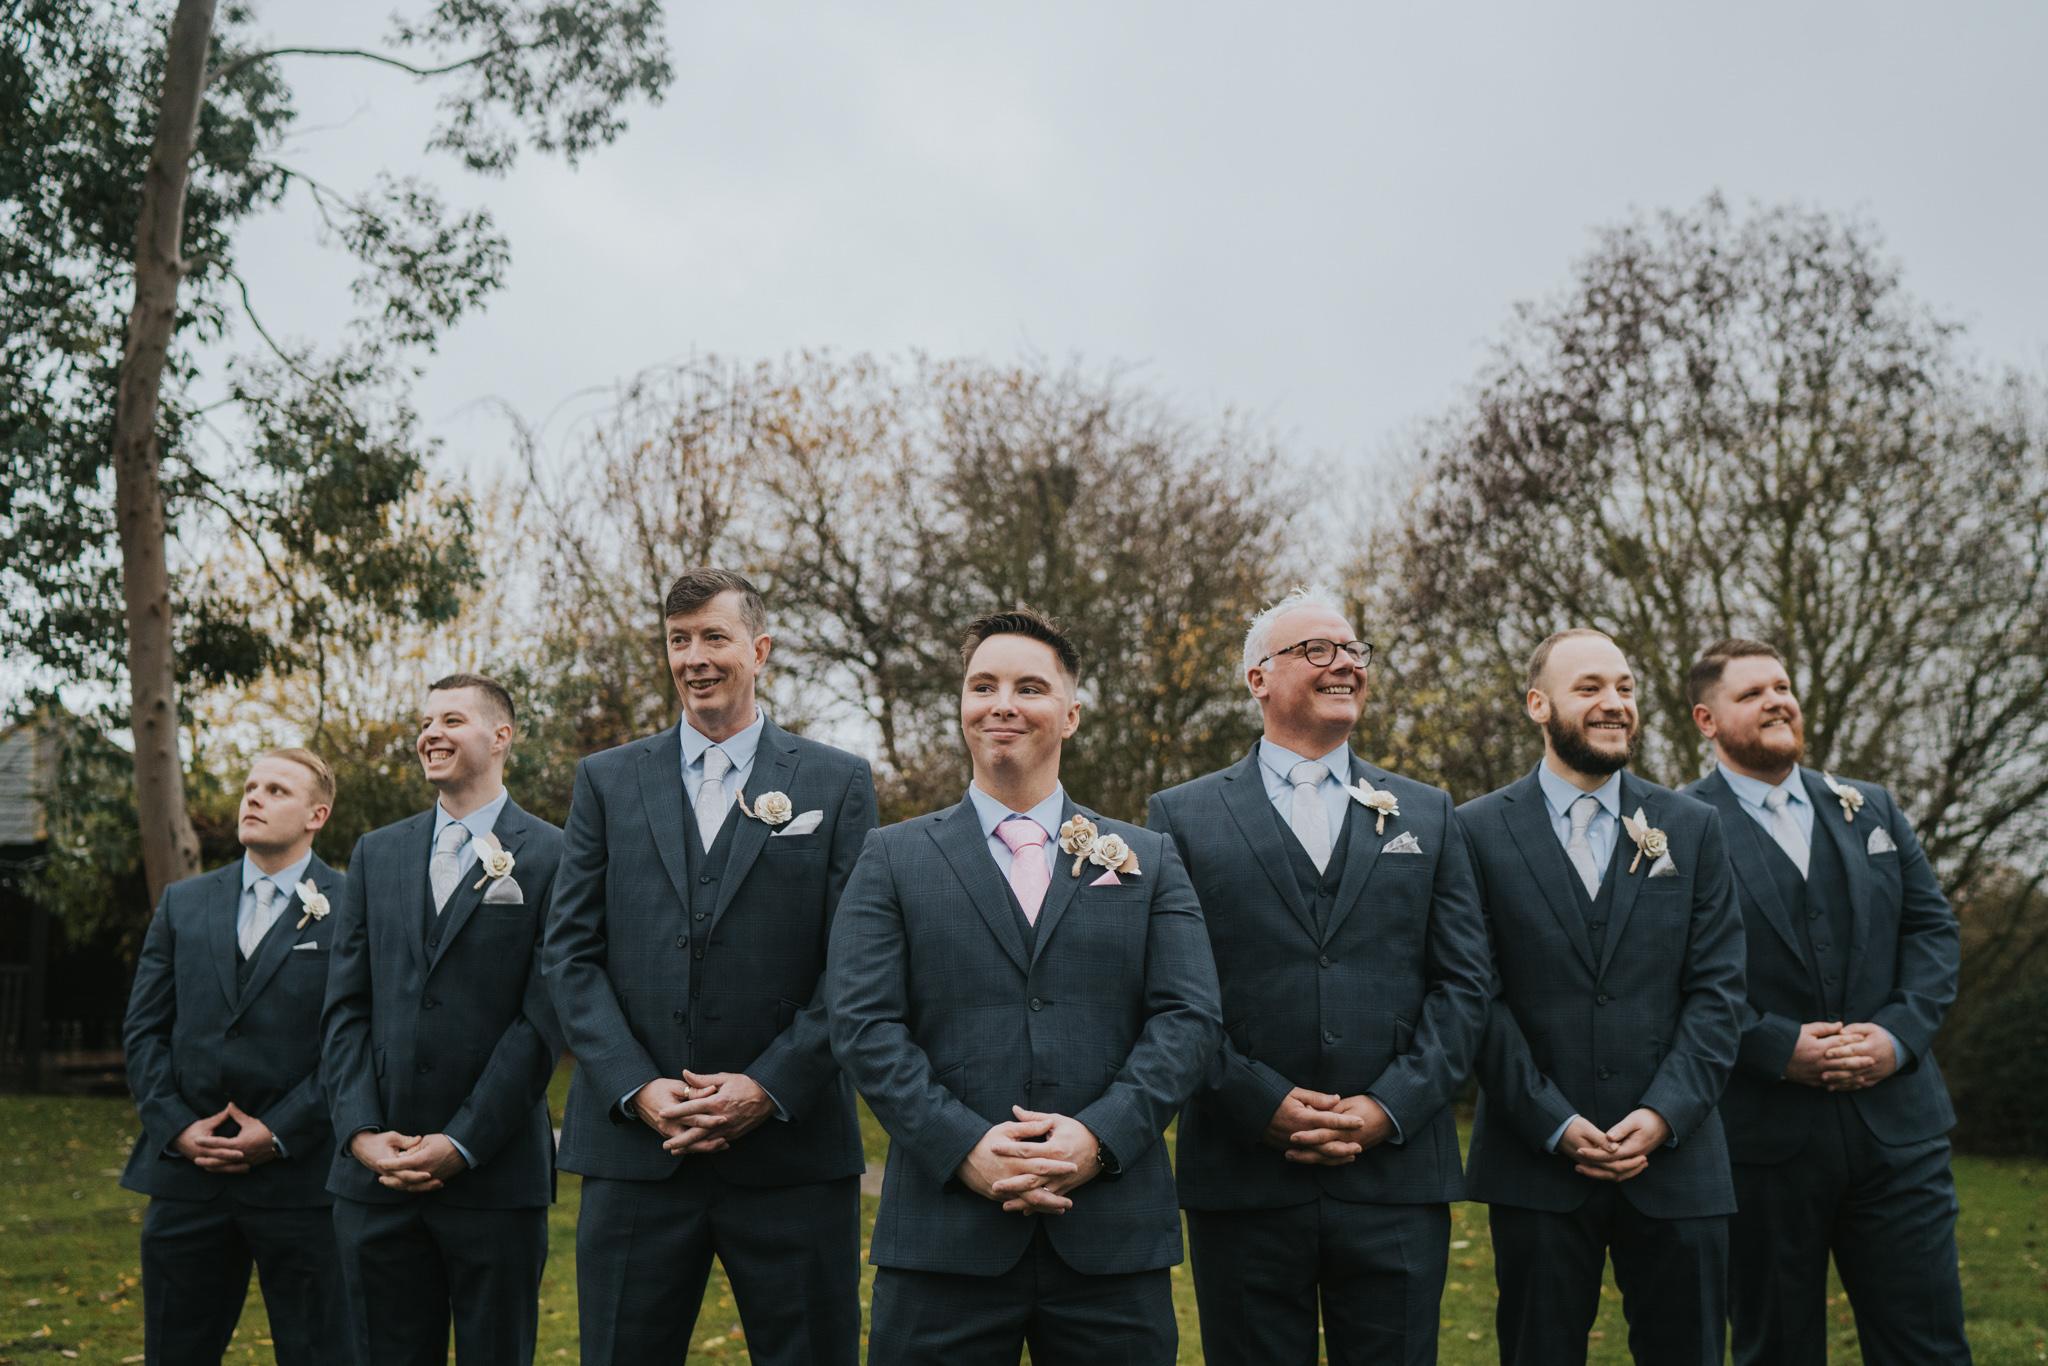 grace-elizabeth-essex-wedding-photographer-best-2018-highlights-norfolk-essex-devon-suffolk (93 of 100).jpg